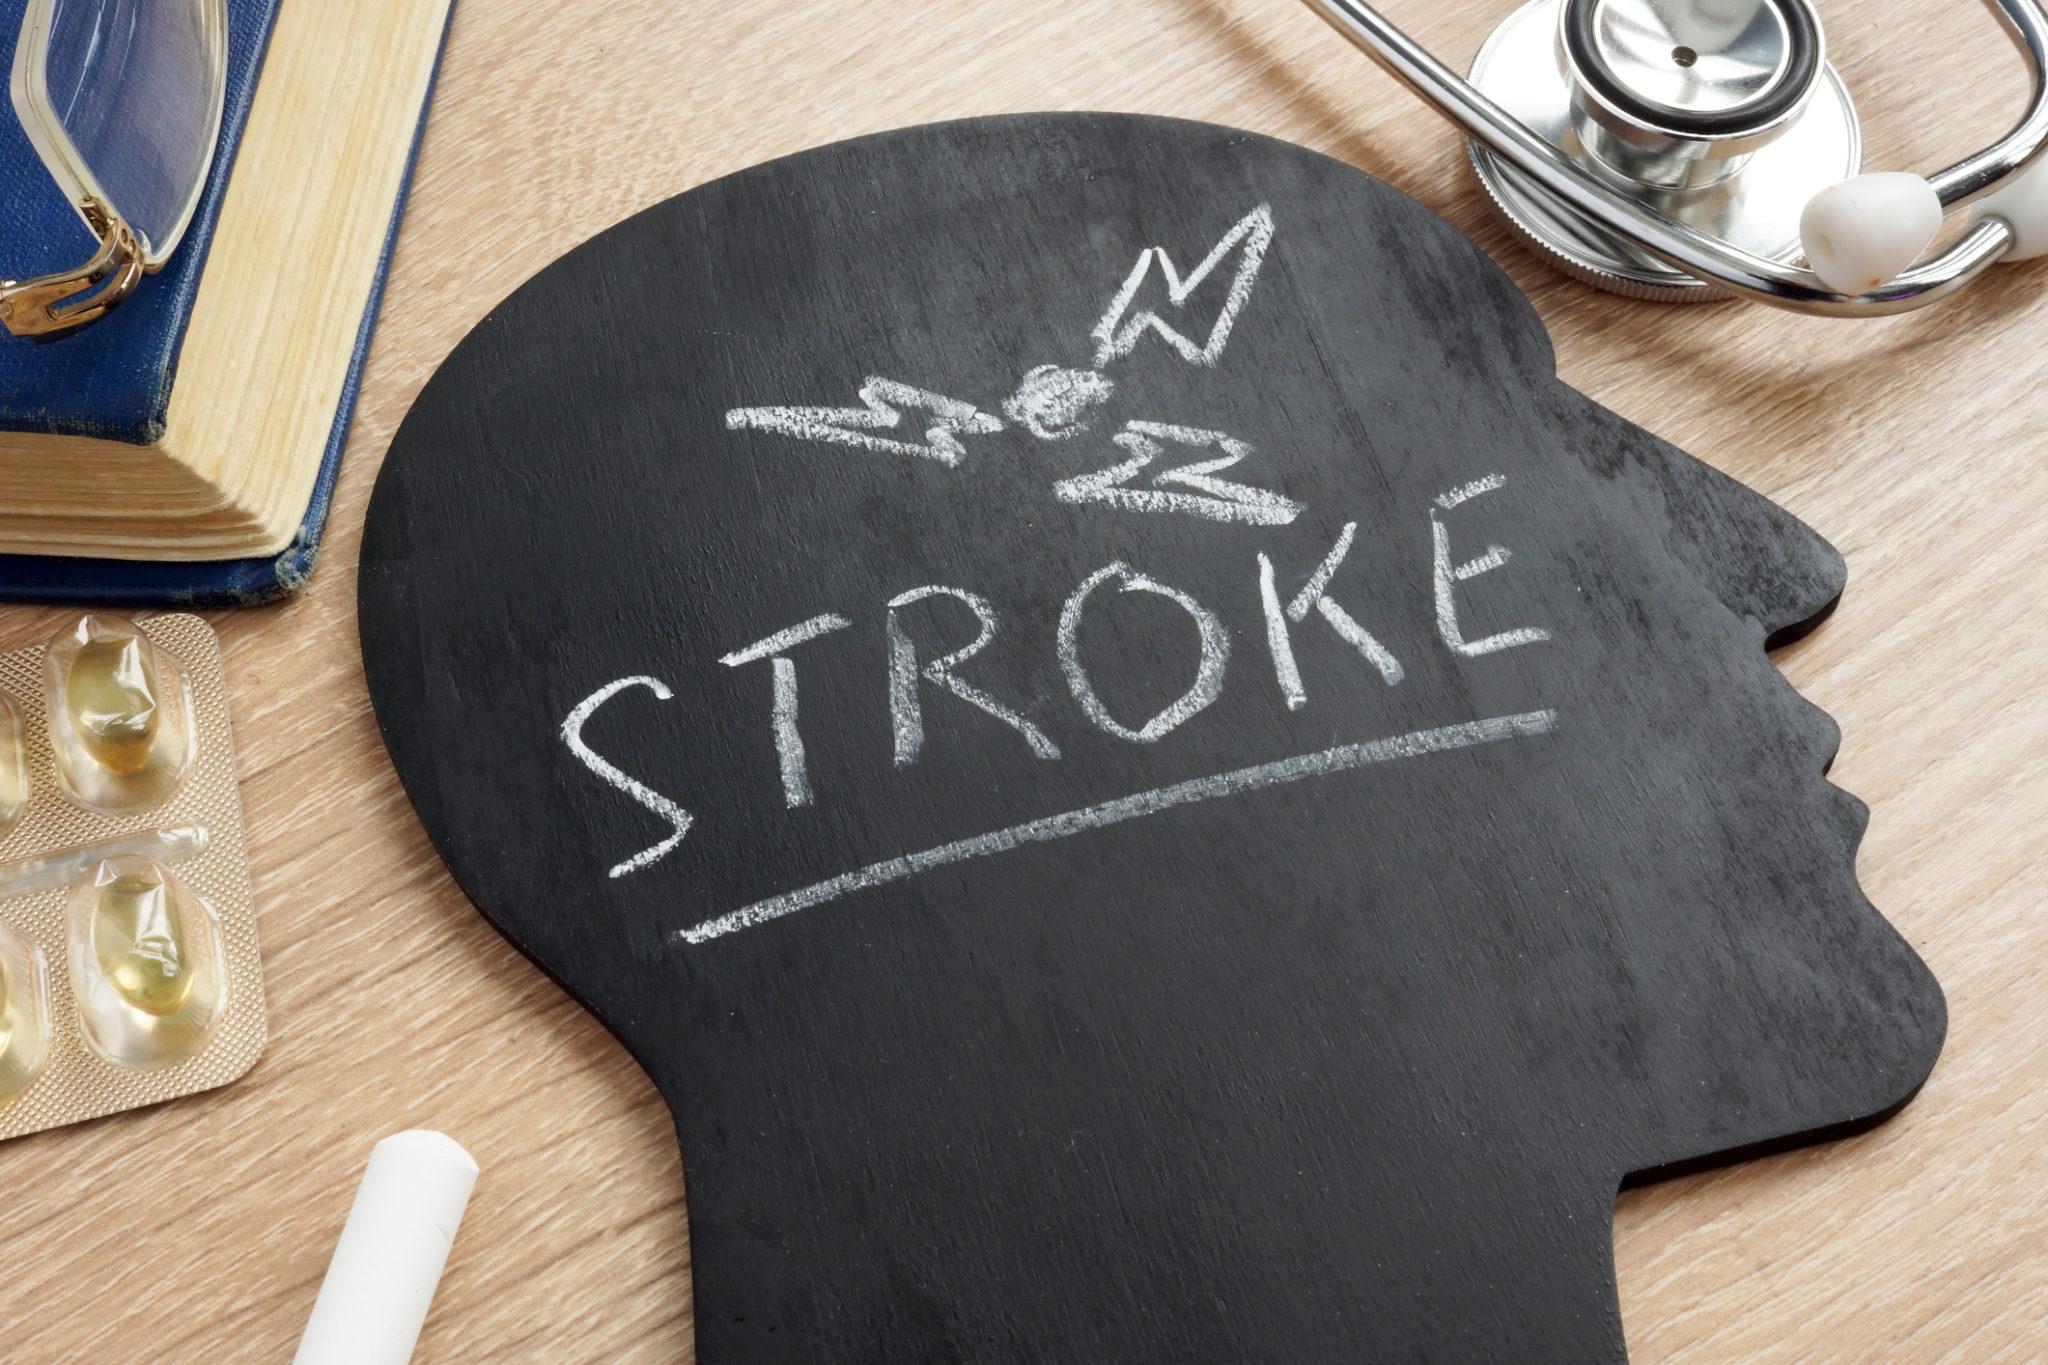 Disease Stroke written on a head shape chalkboard